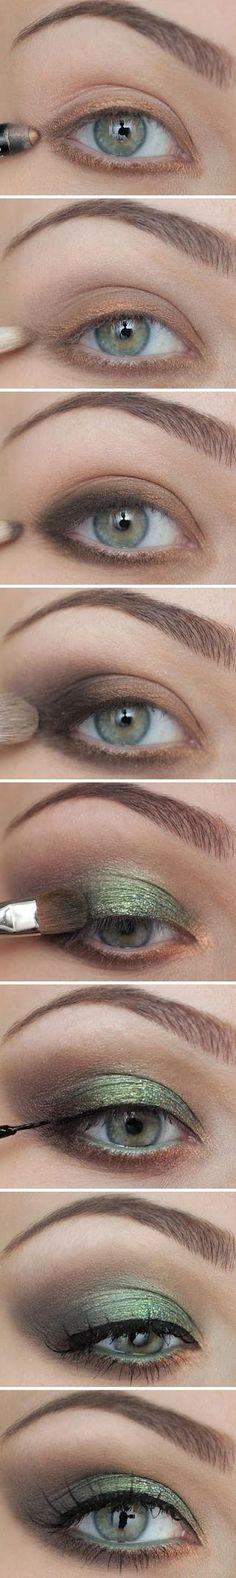 green & brown look #eye #makeup #pictorial